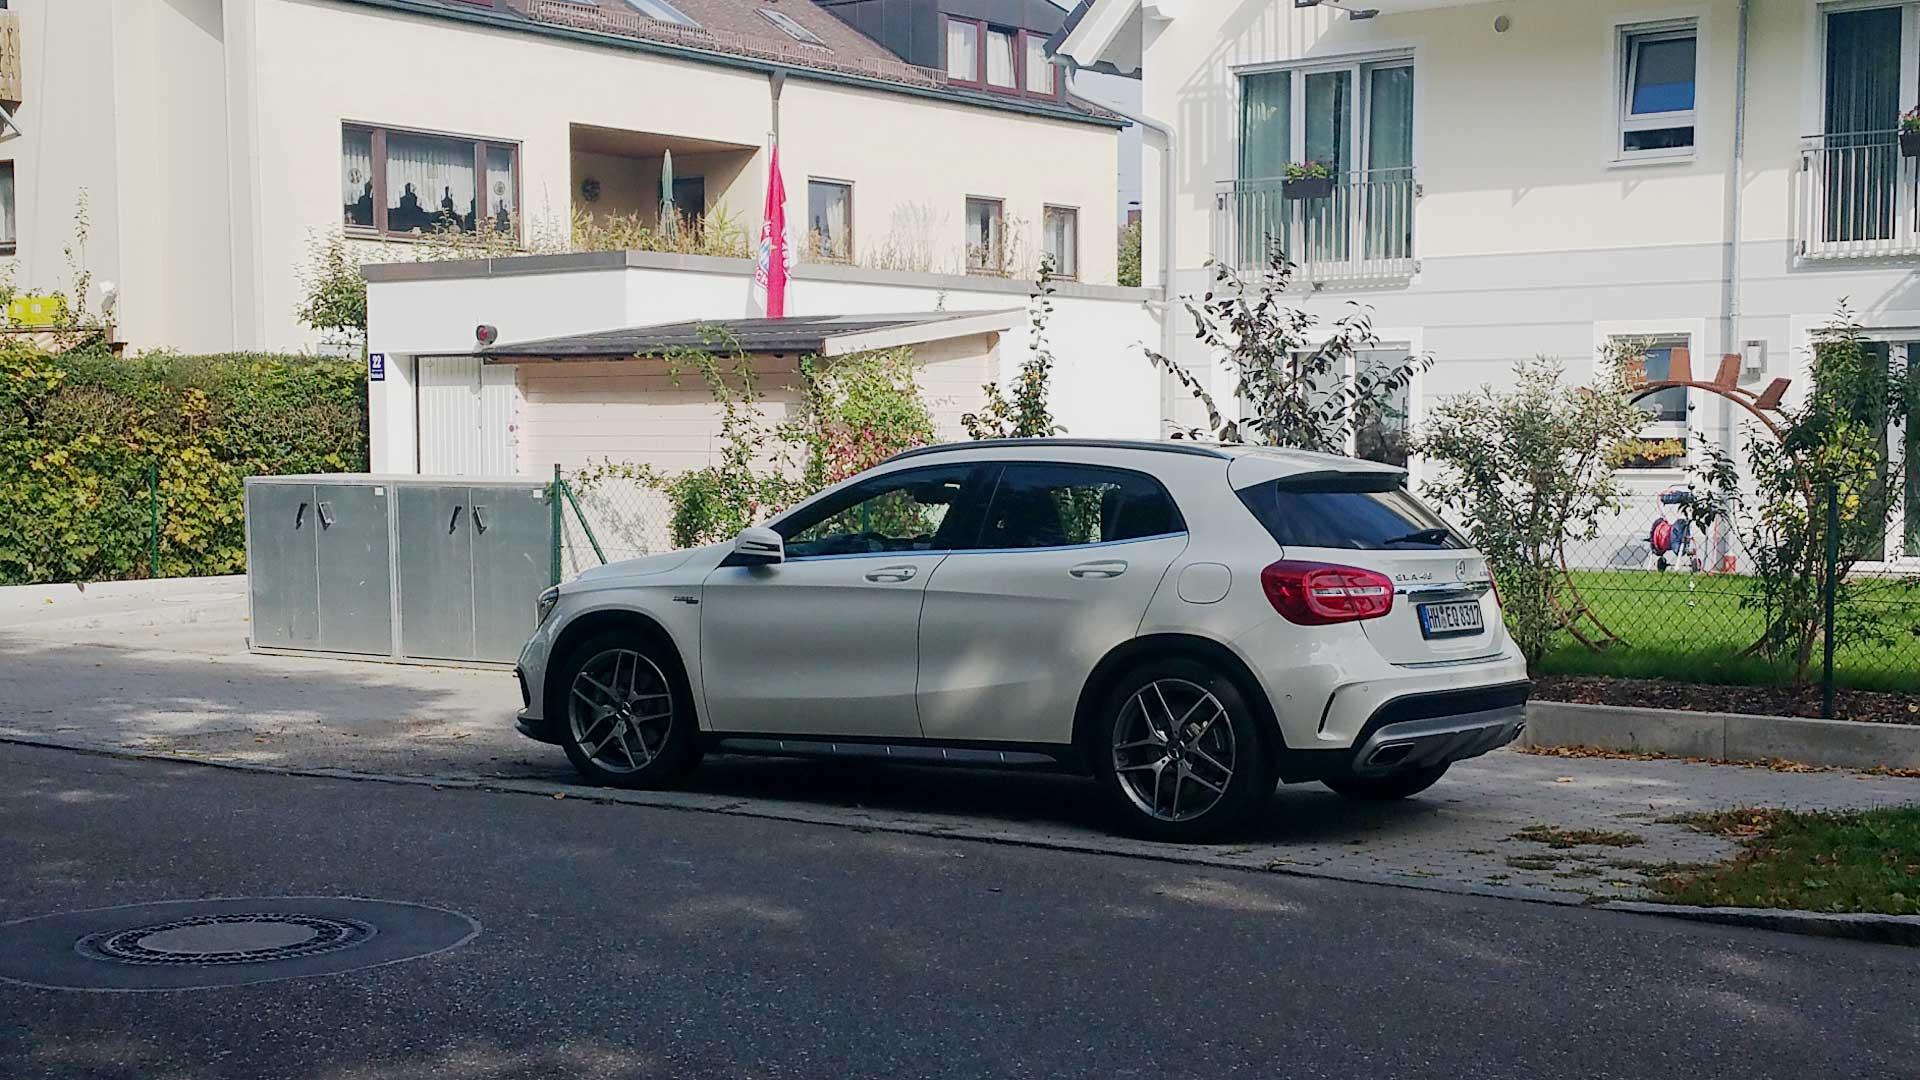 Erfahrungsbericht Mercedes GLA 45 AMG als Mietwagen ...